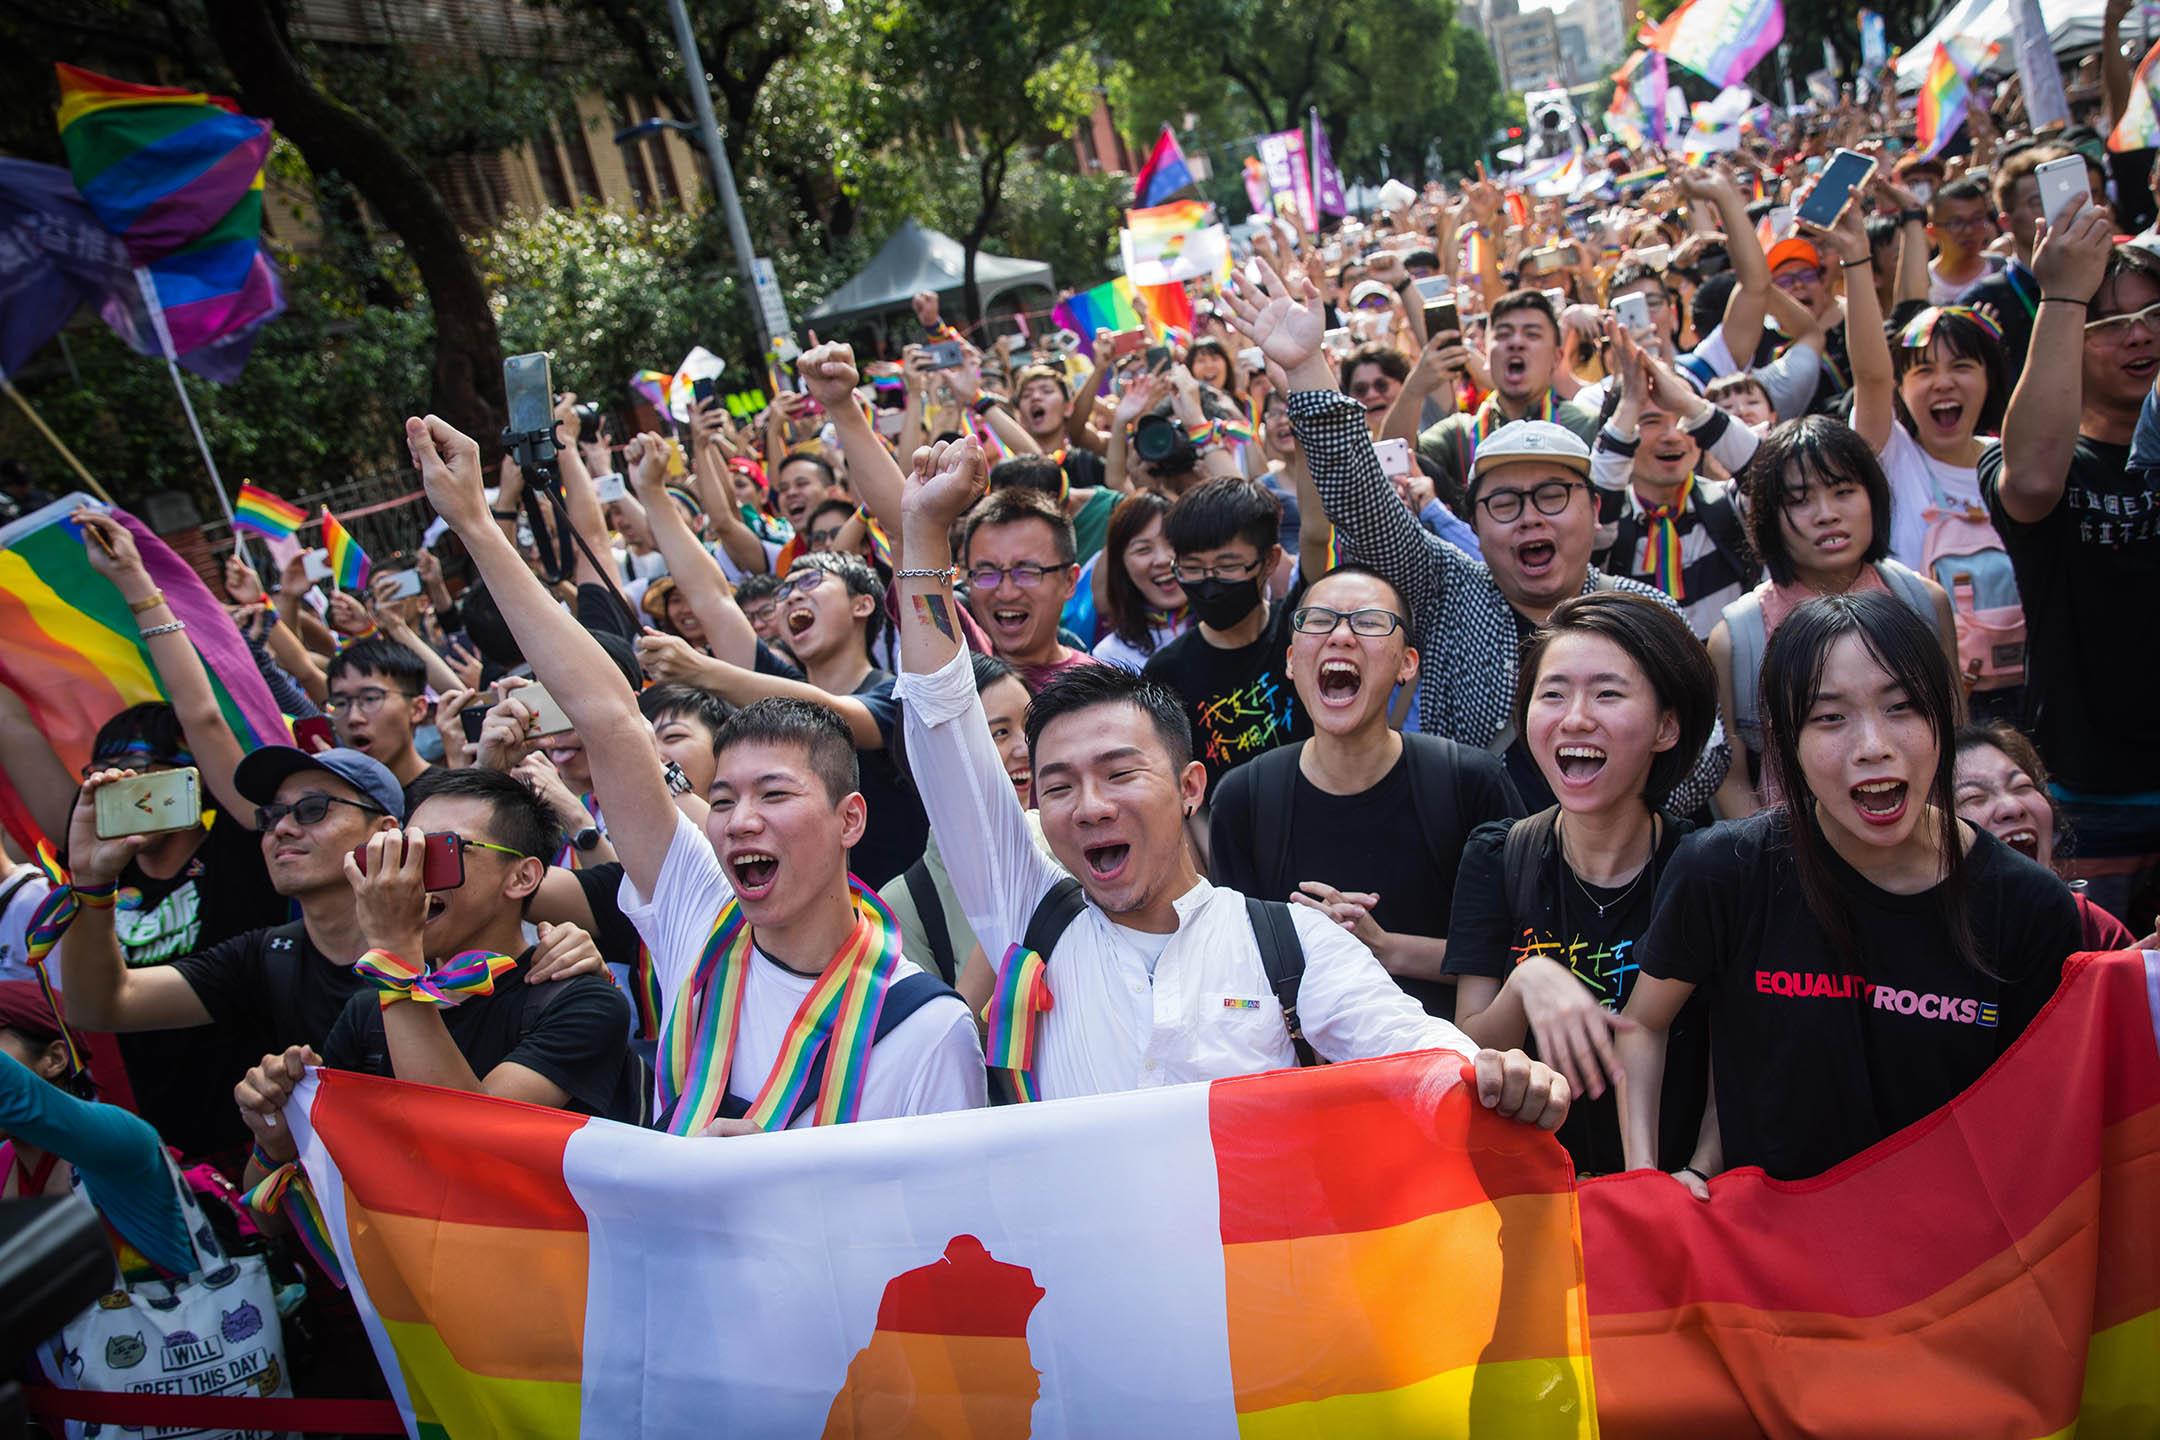 2019年5月17日,台北立法院外挺同團體發起集會,超過4萬人參加。 攝:陳焯煇/端傳媒